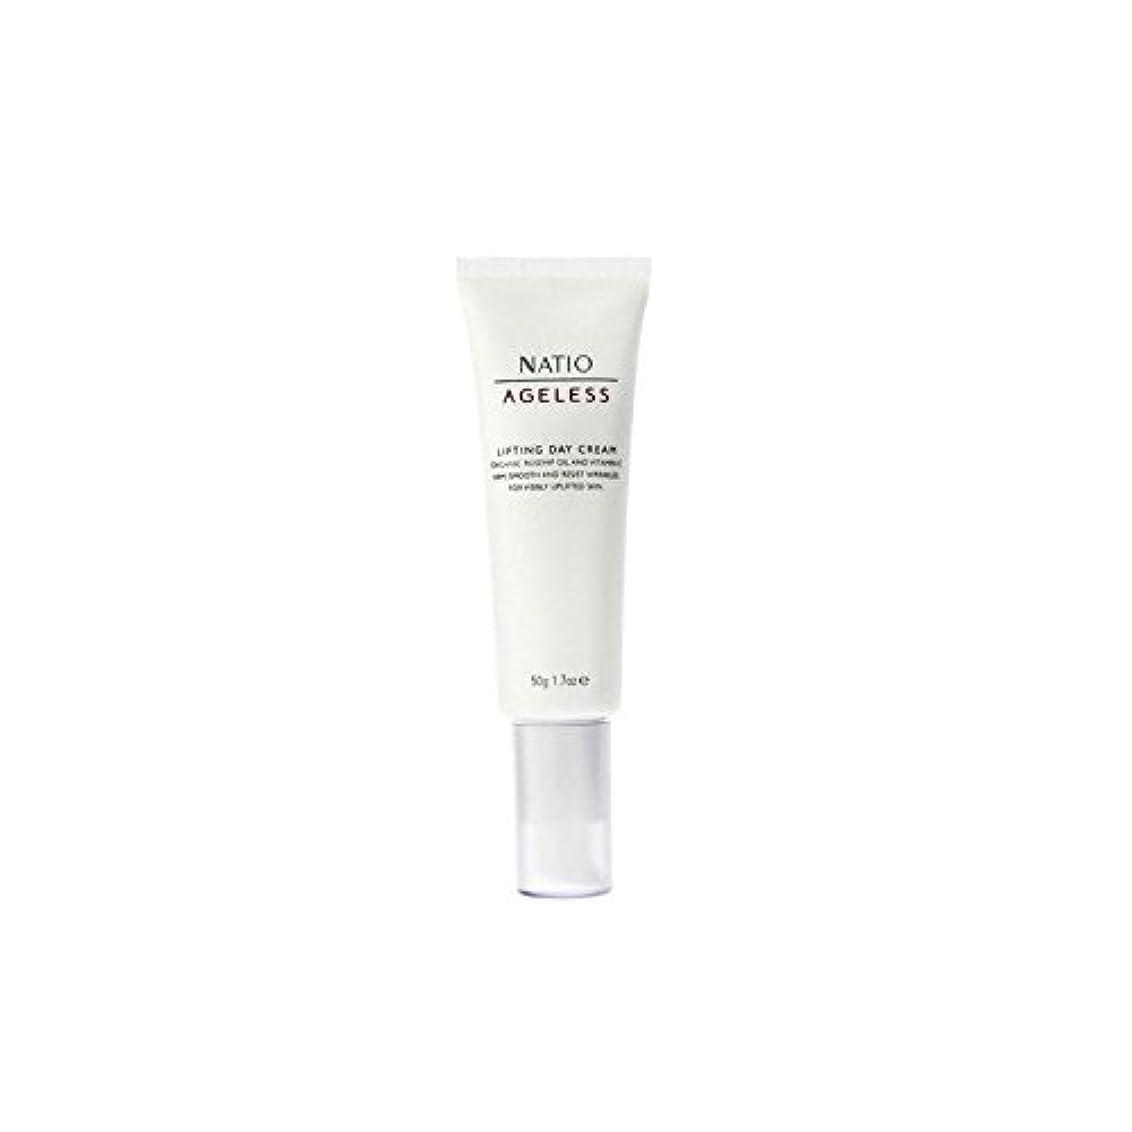 排泄する観光速いNatio Ageless Lifting Day Cream (50G) (Pack of 6) - 永遠リフティングデイクリーム(50グラム) x6 [並行輸入品]